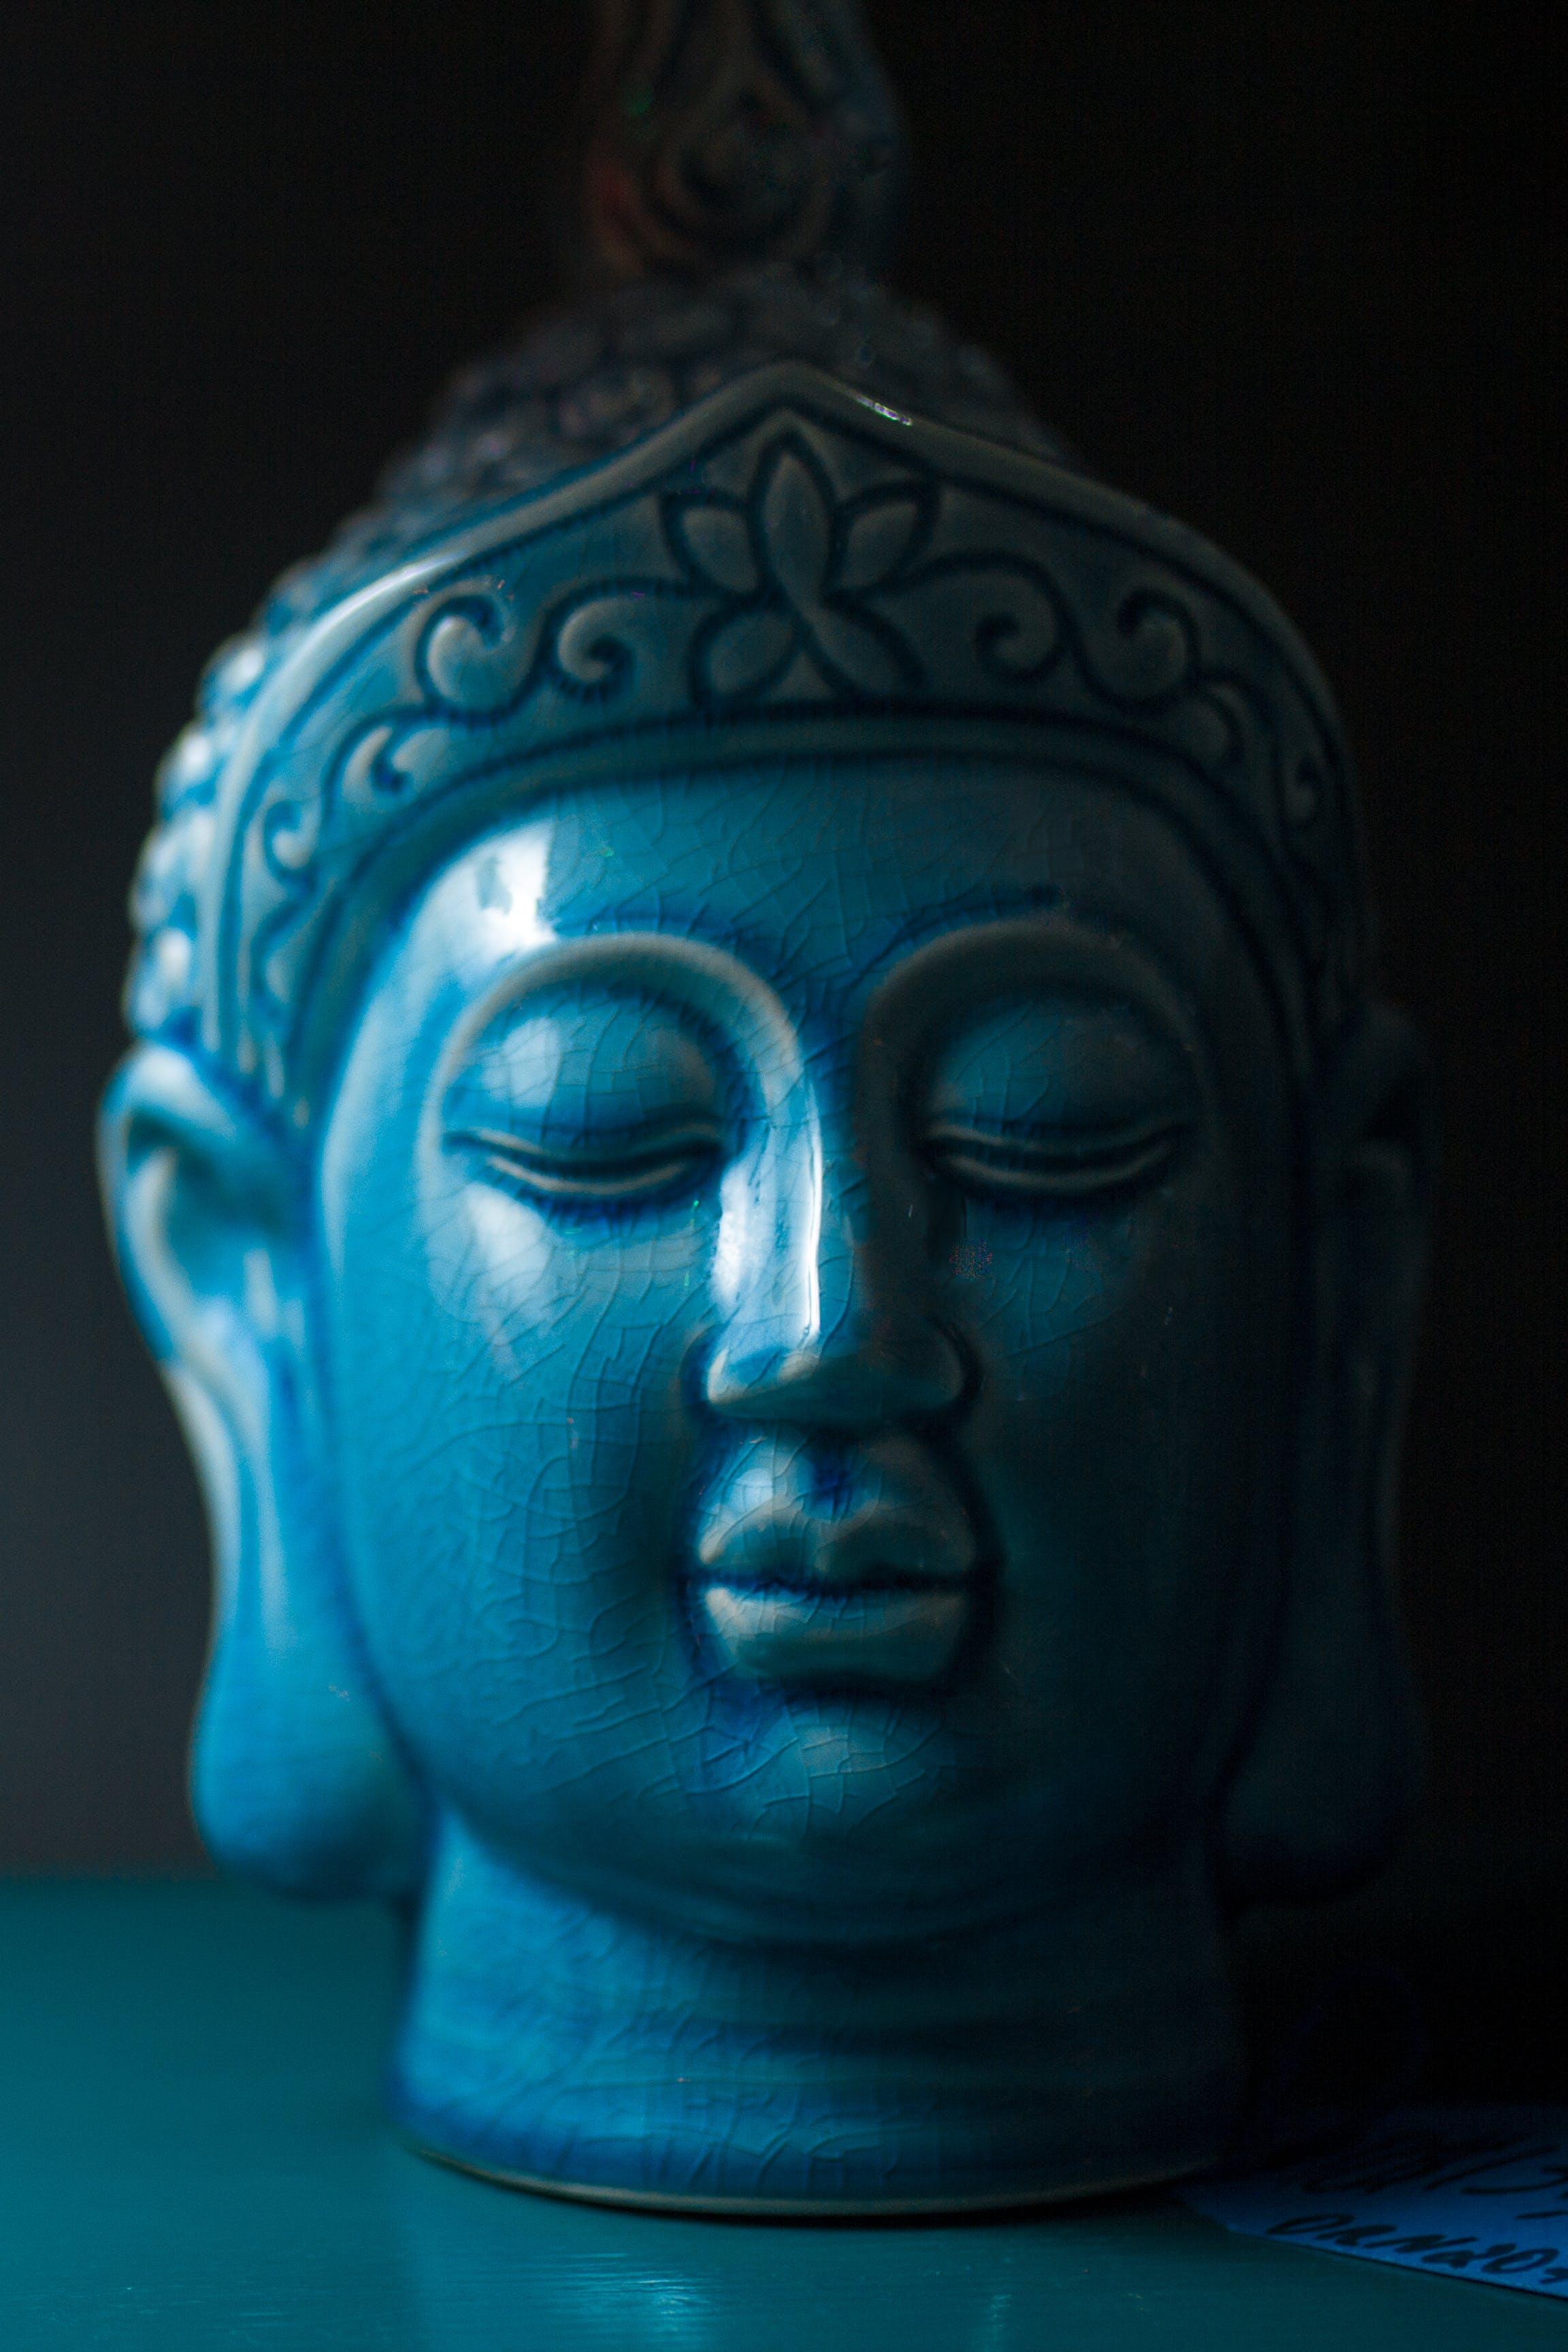 Kostenloses Stock Foto zu asien, blau, buddha, buddhismus